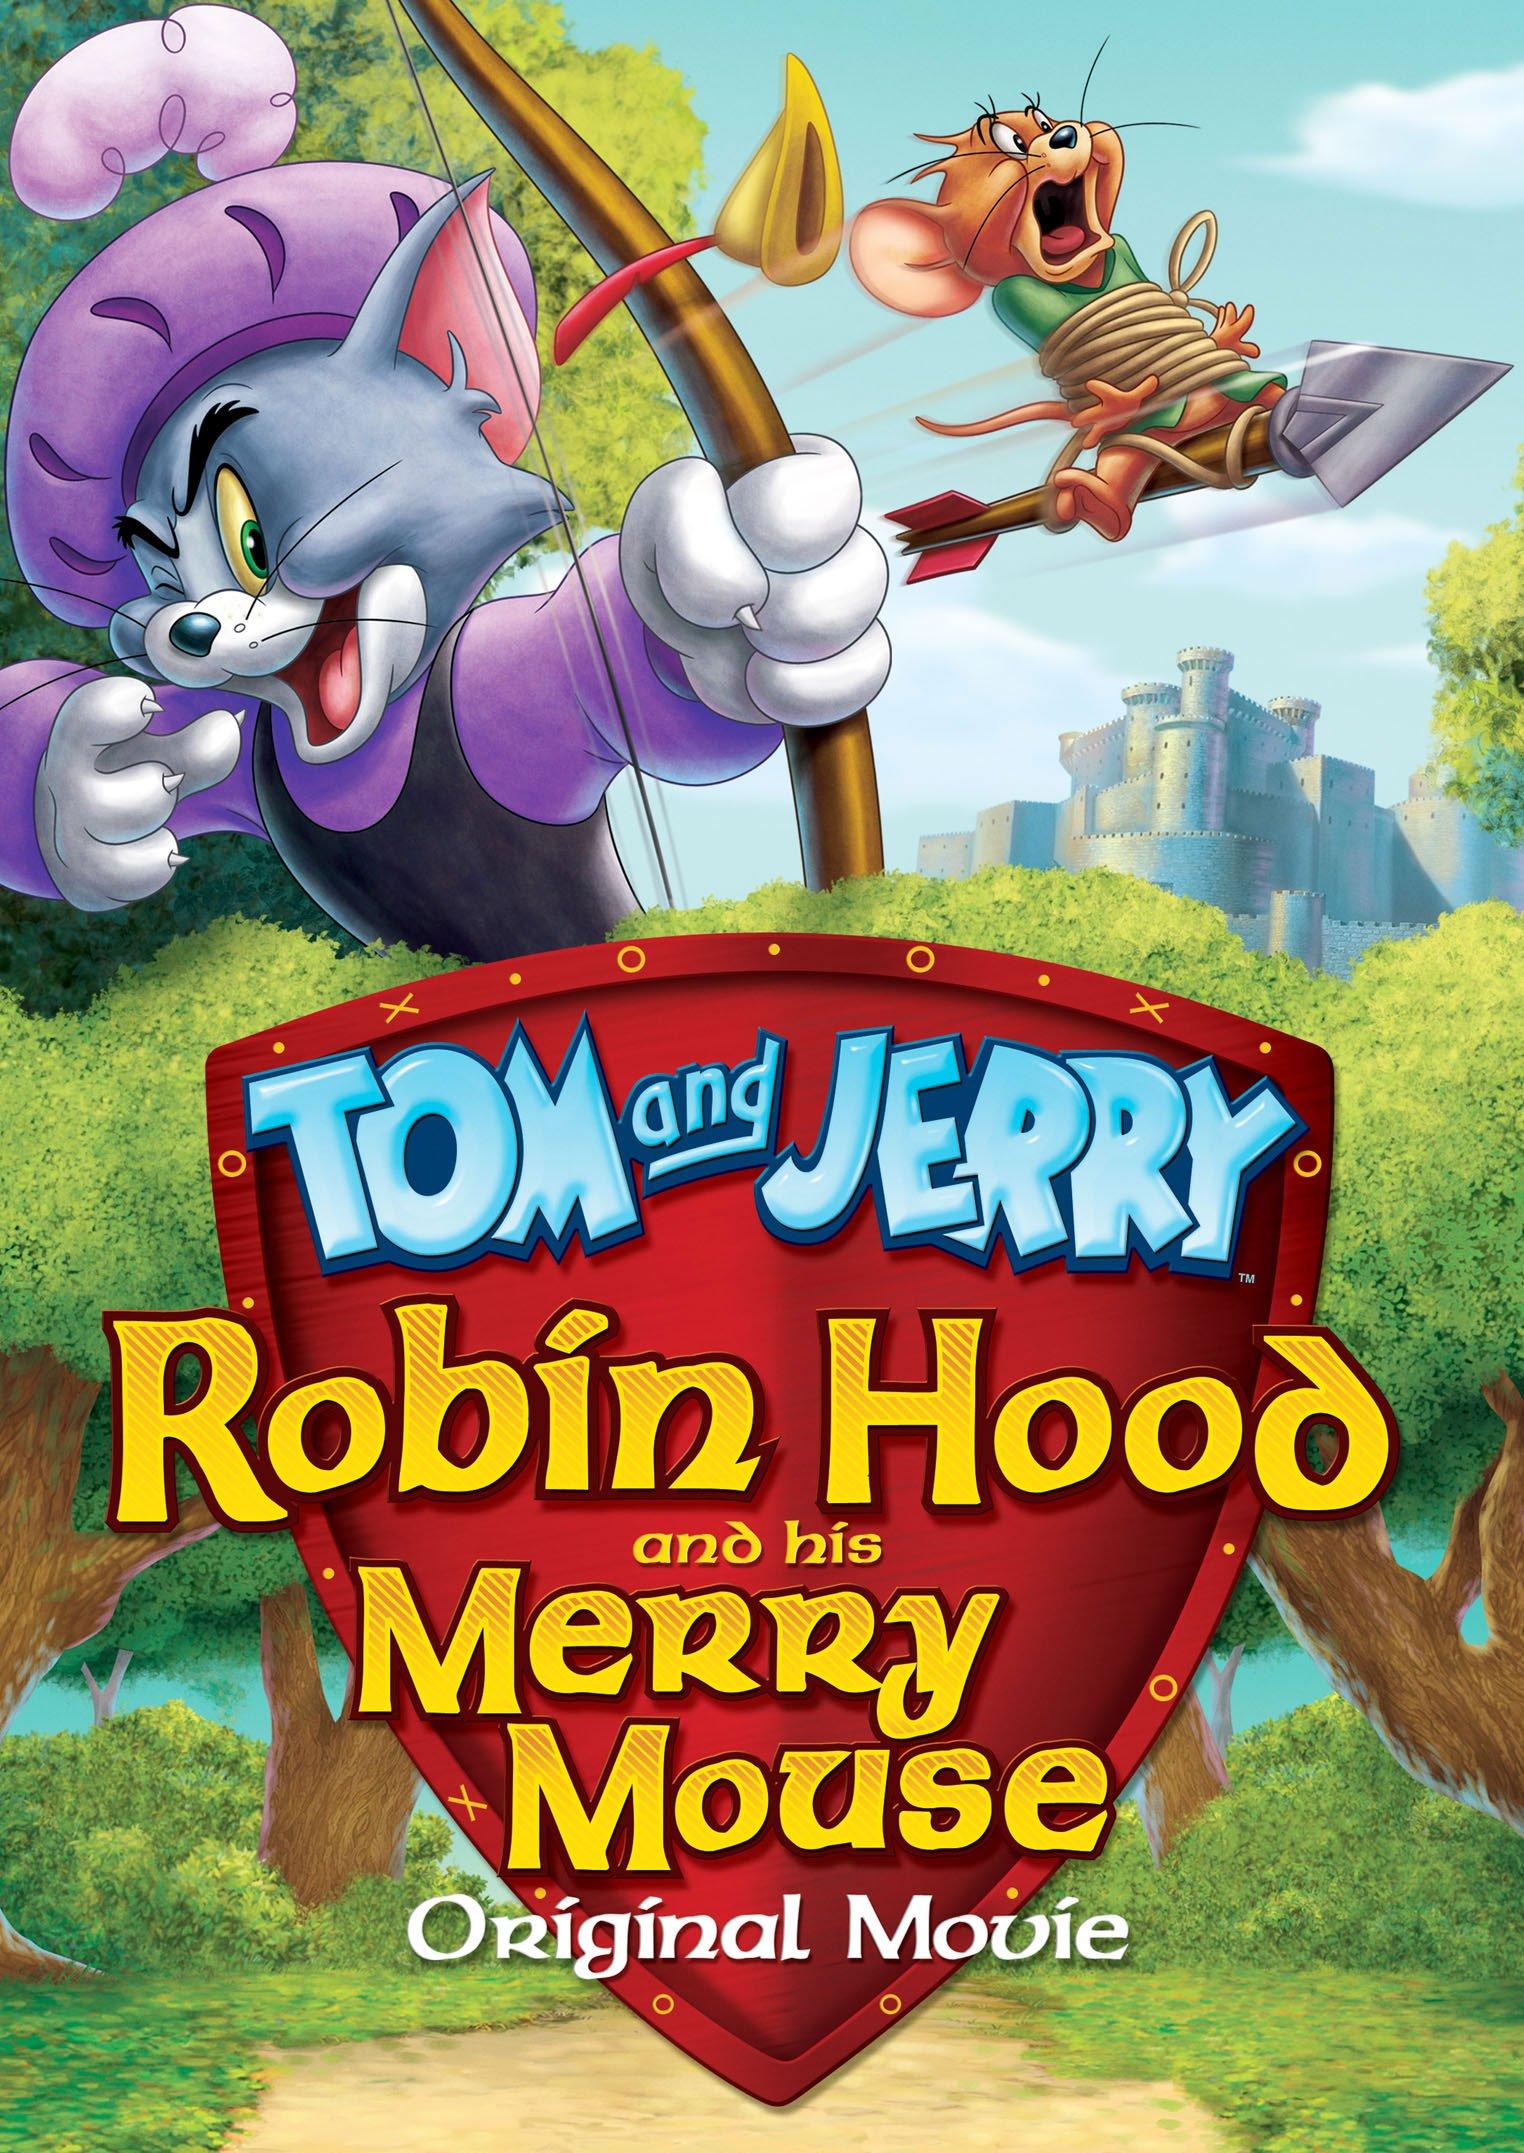 老鼠��h�_猫和老鼠 罗宾汉和他的机灵鼠 t.a.j.r.h.a.h.m.m.2012.720p.